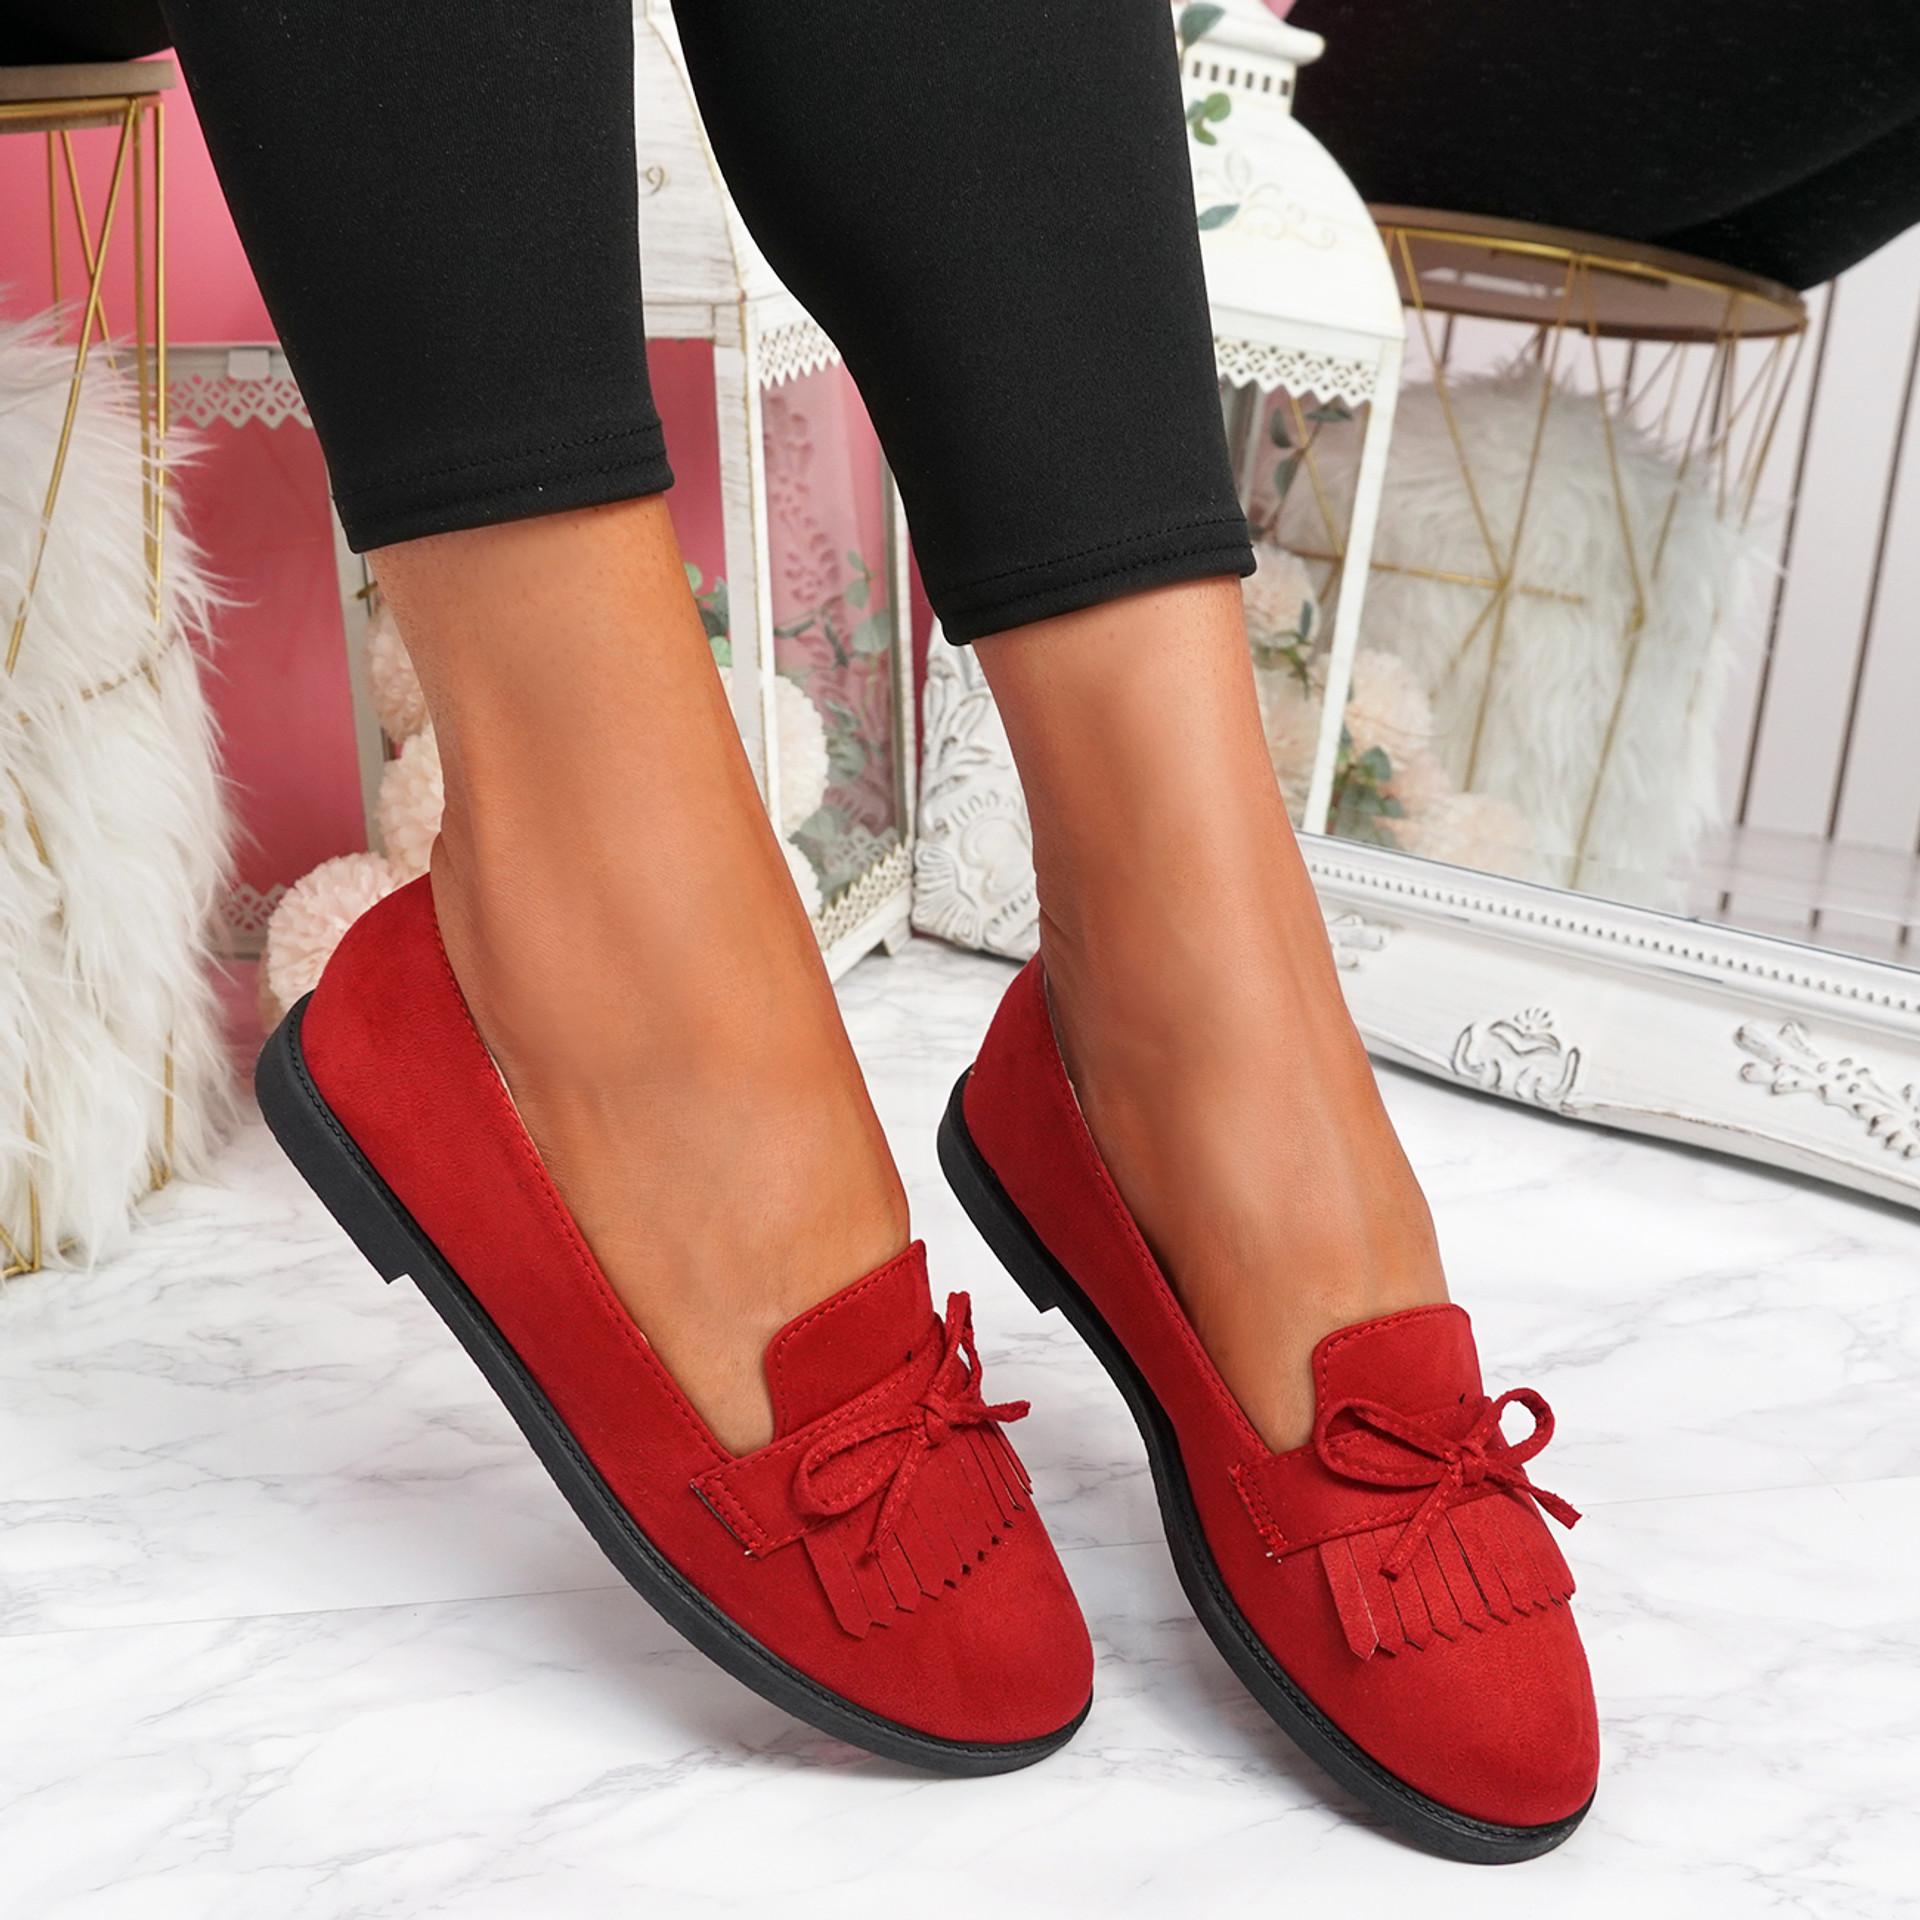 Kolly Red Bow Fringe Ballerinas